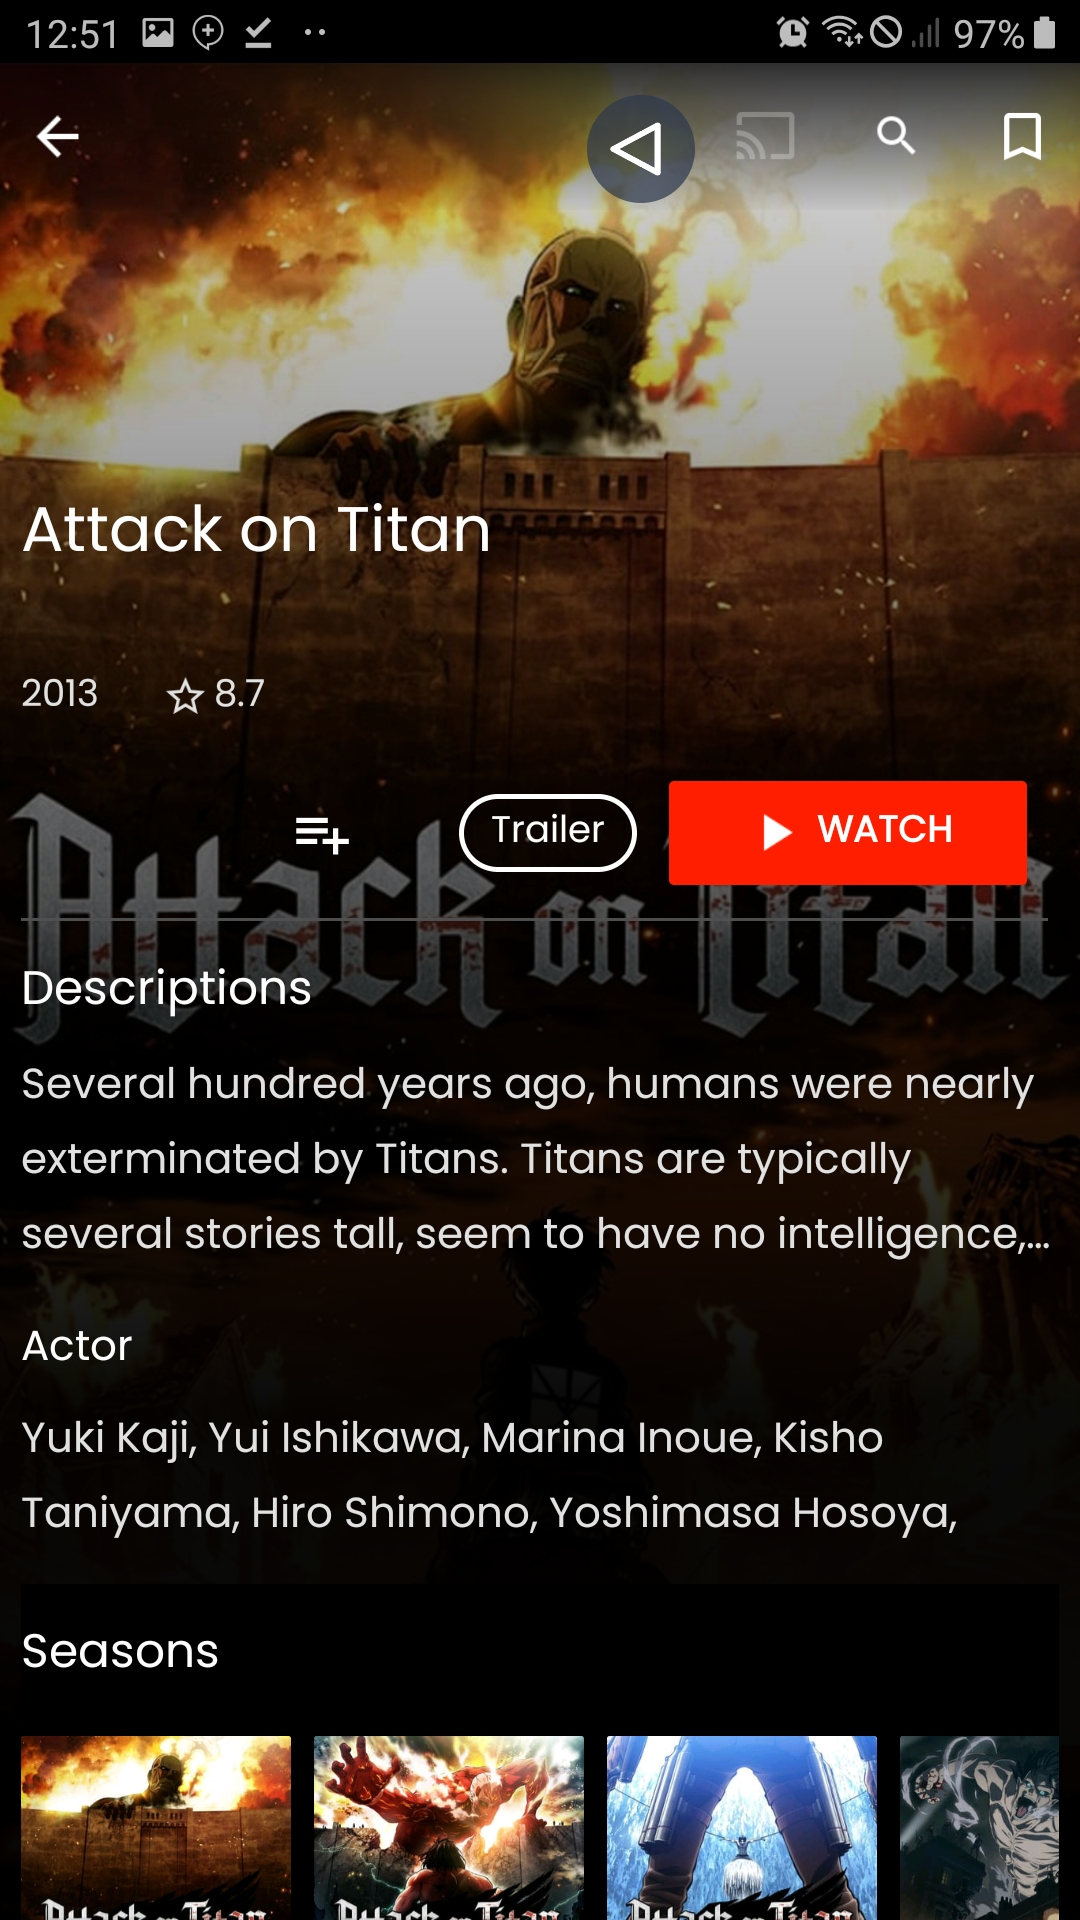 تحميل Nova Tv و إستمتع بمشاهدة اضخم مكتبة للأفلام و المسلسلات المترجمة